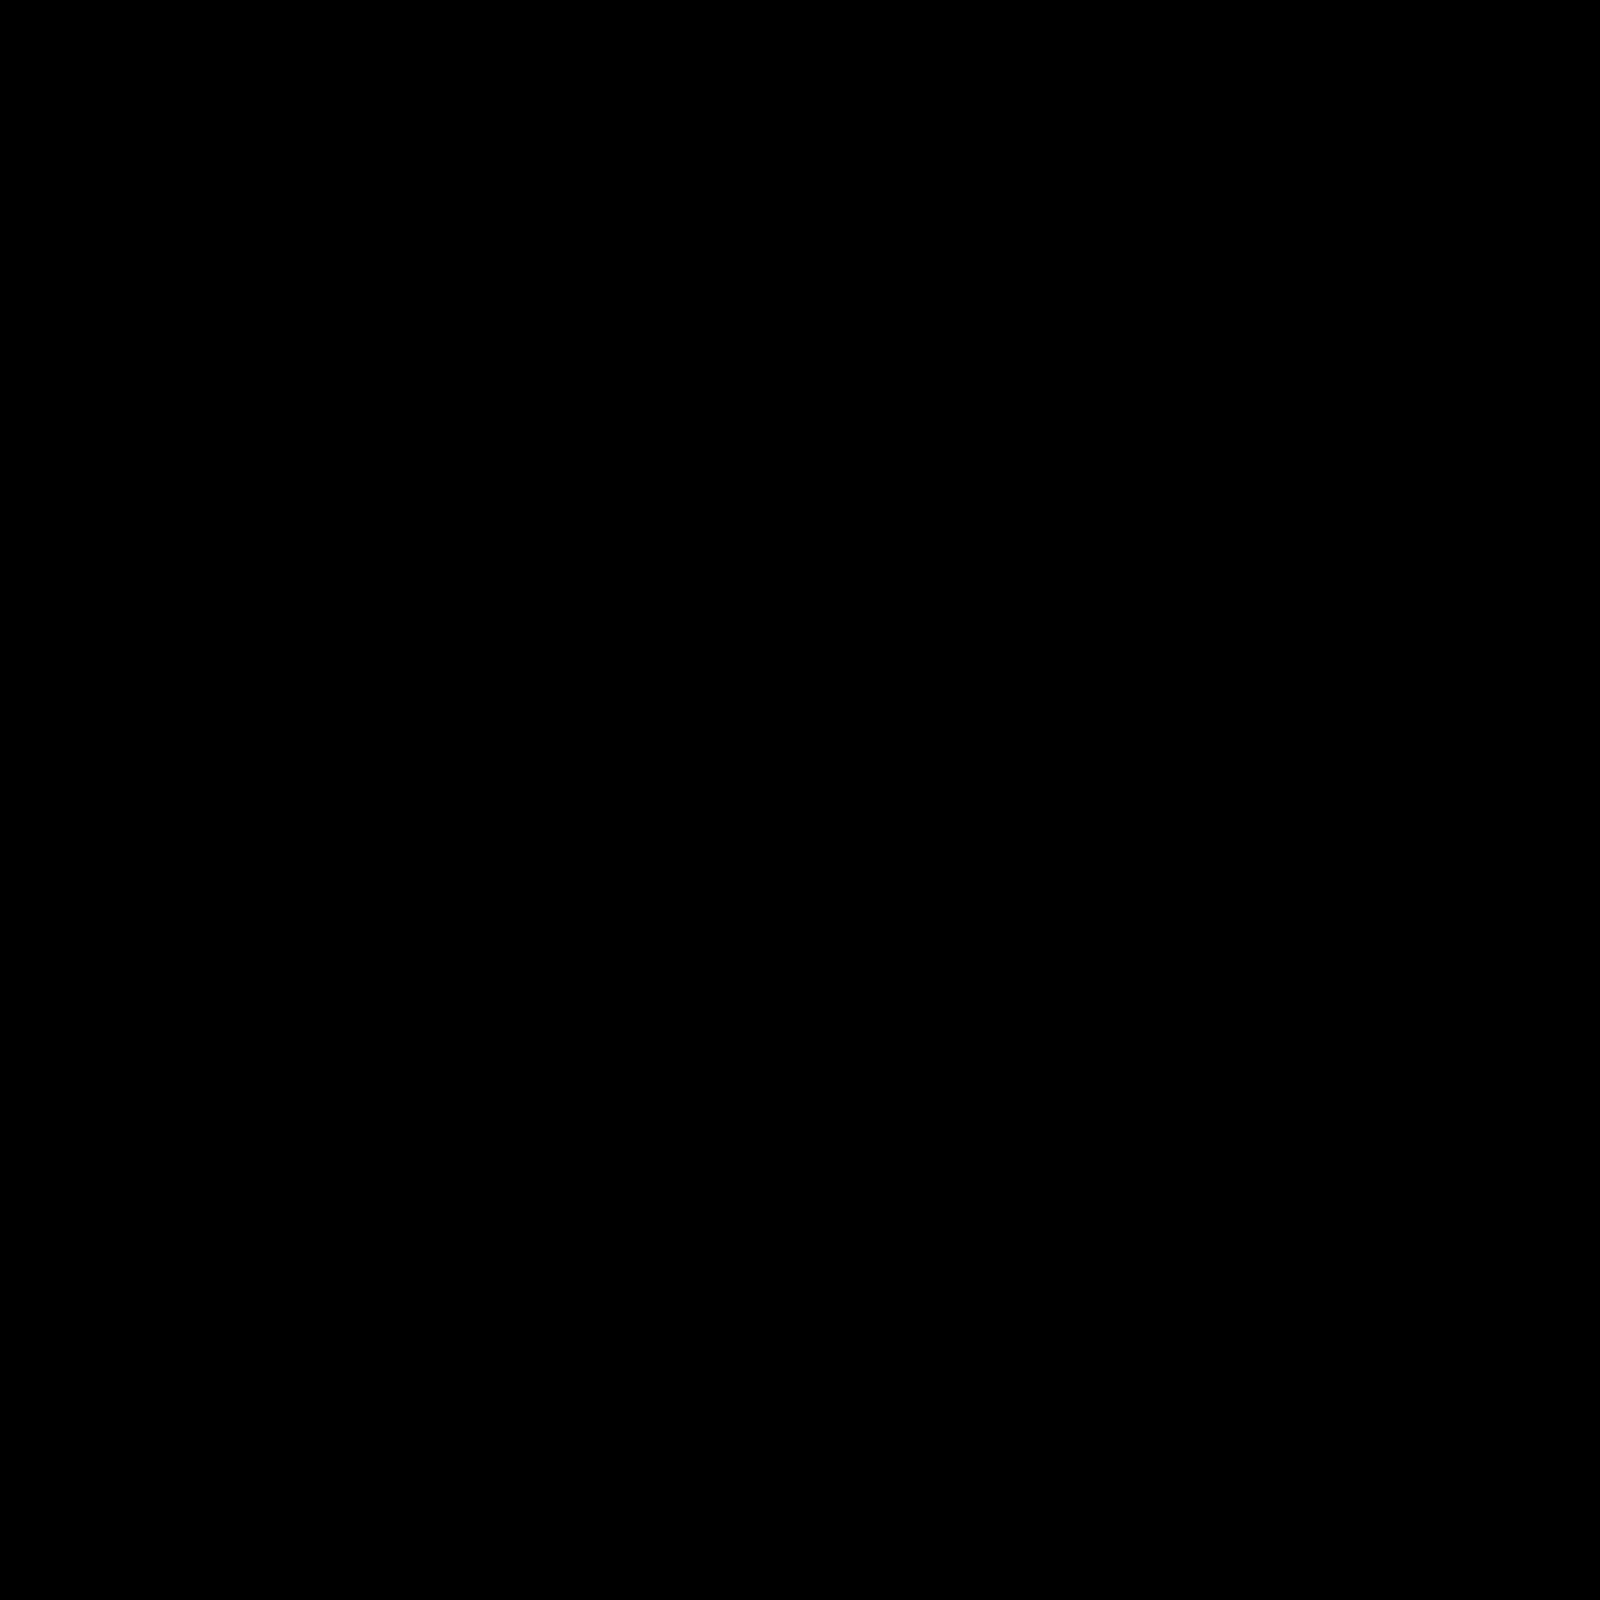 Cerclé 2 C icon